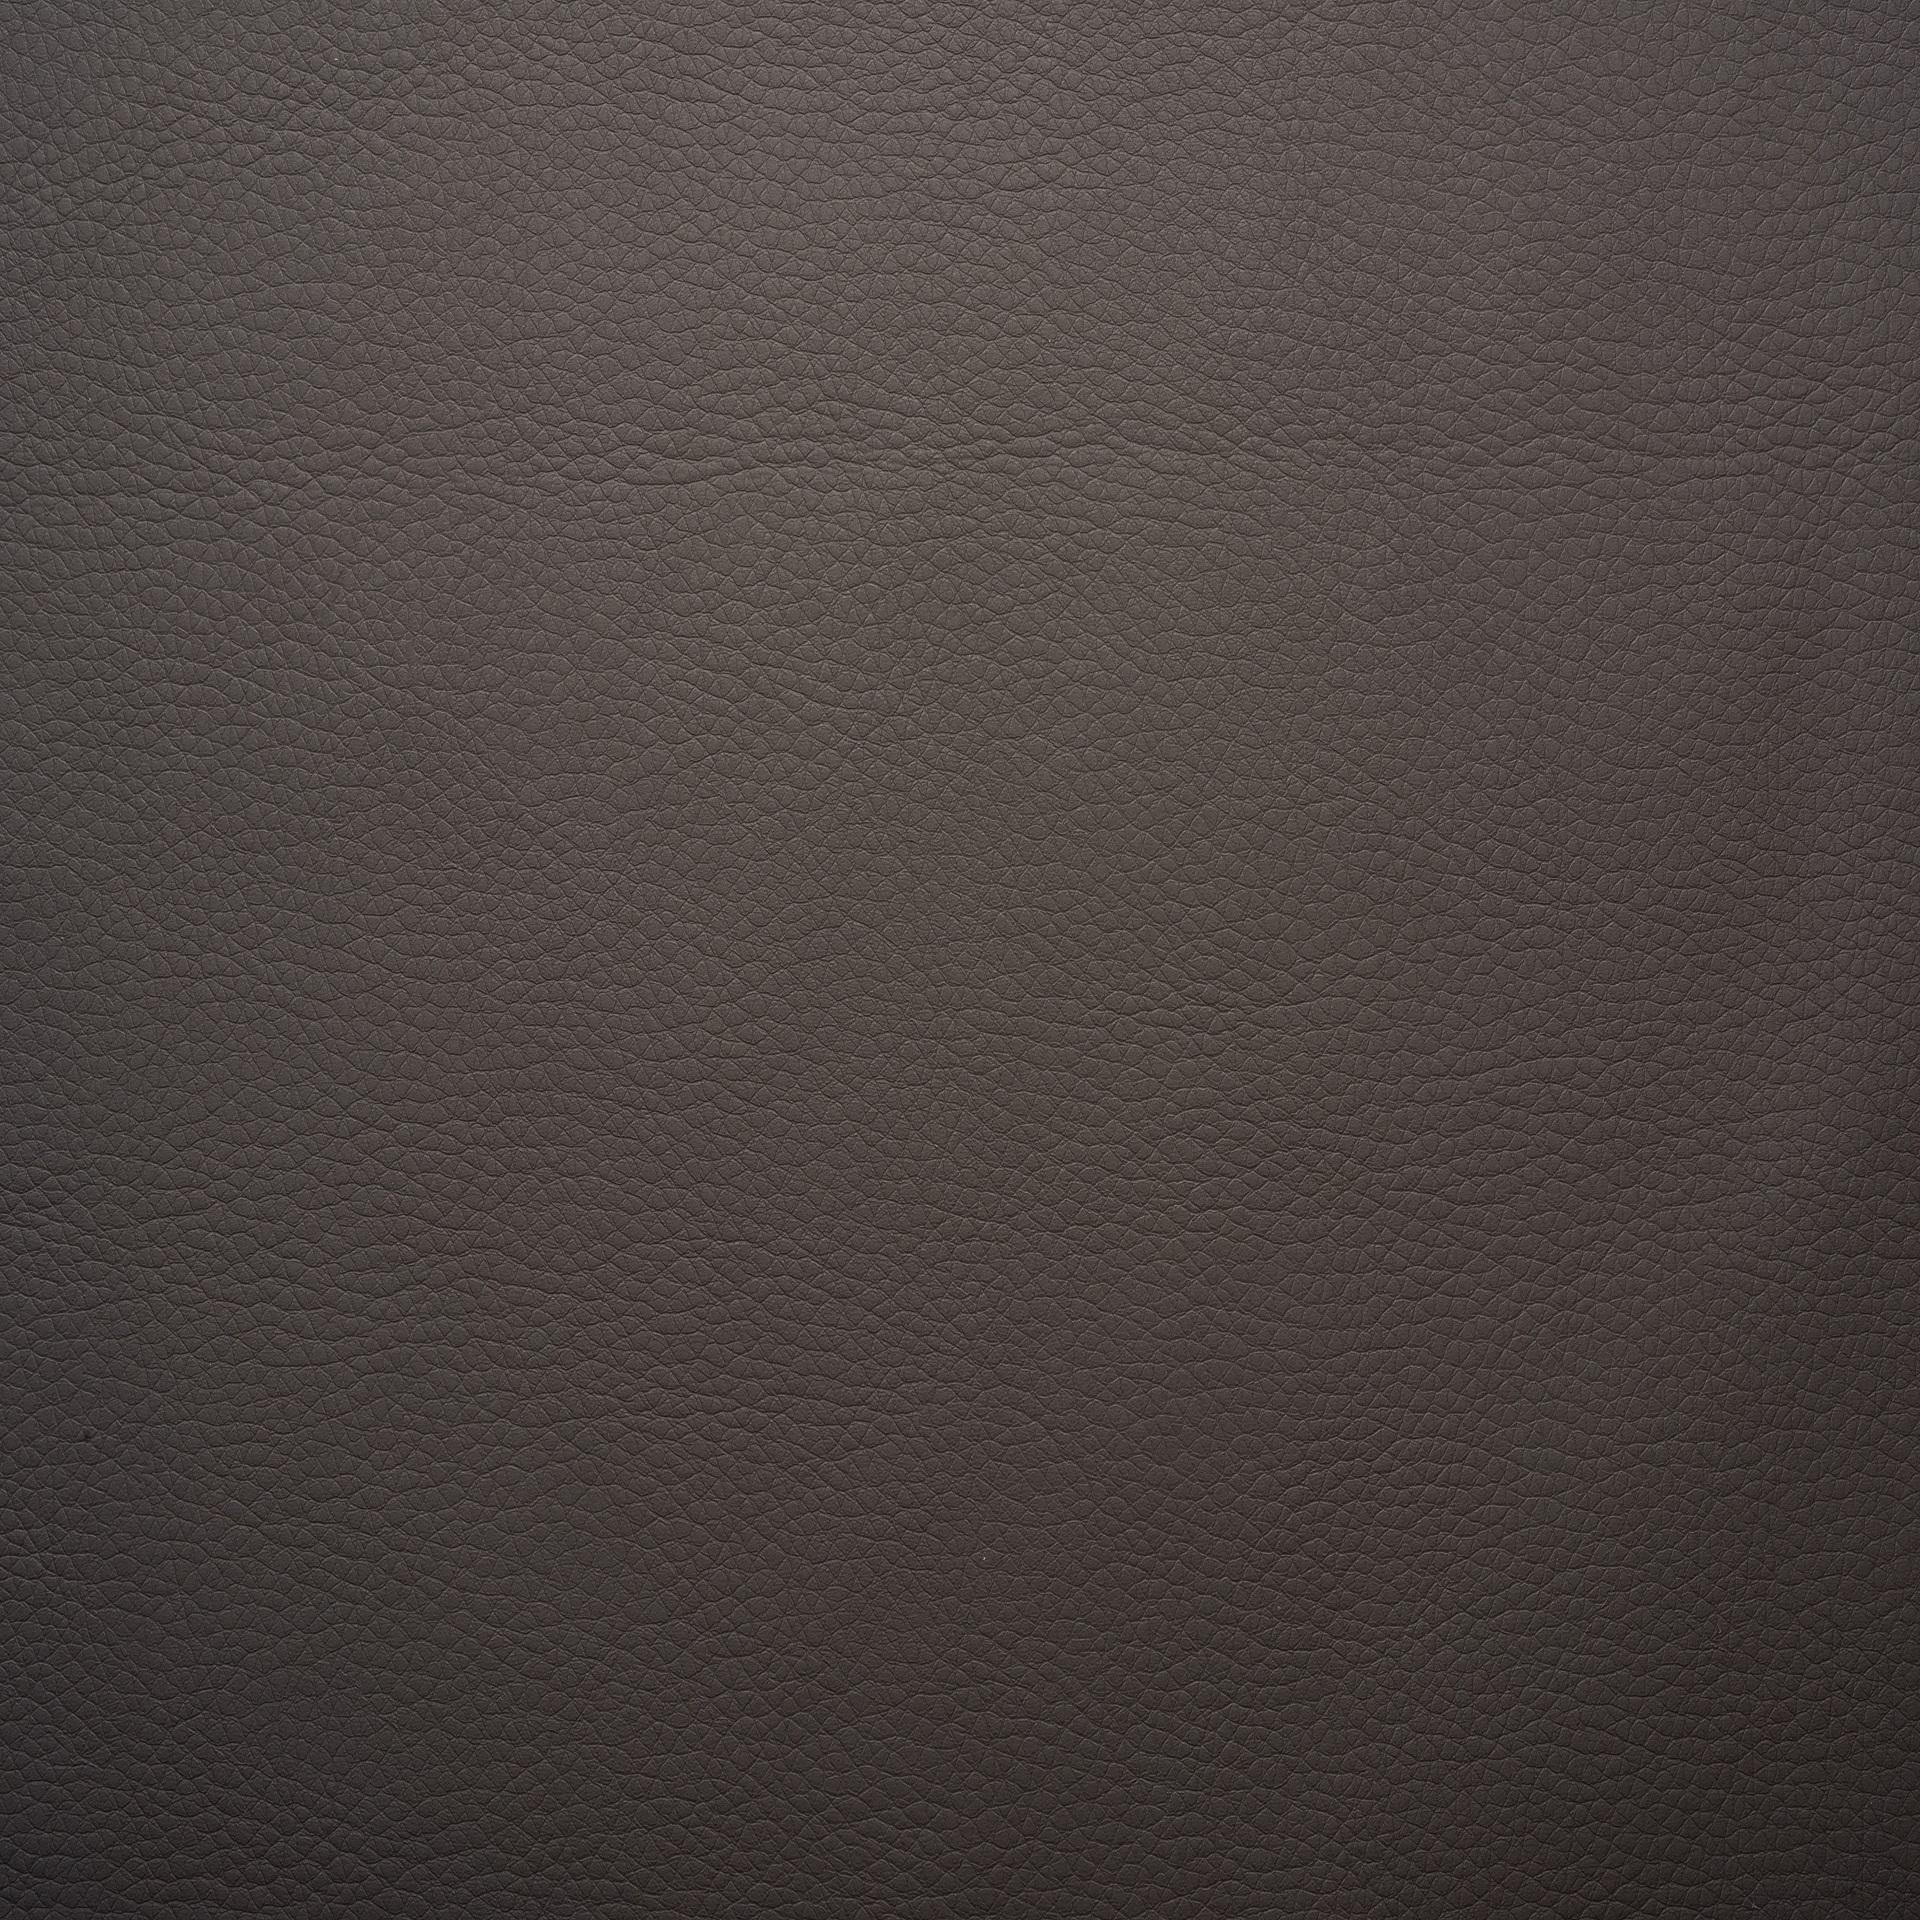 Коллекция ткани Флай 2244,  купить ткань Кож зам для мебели Украина